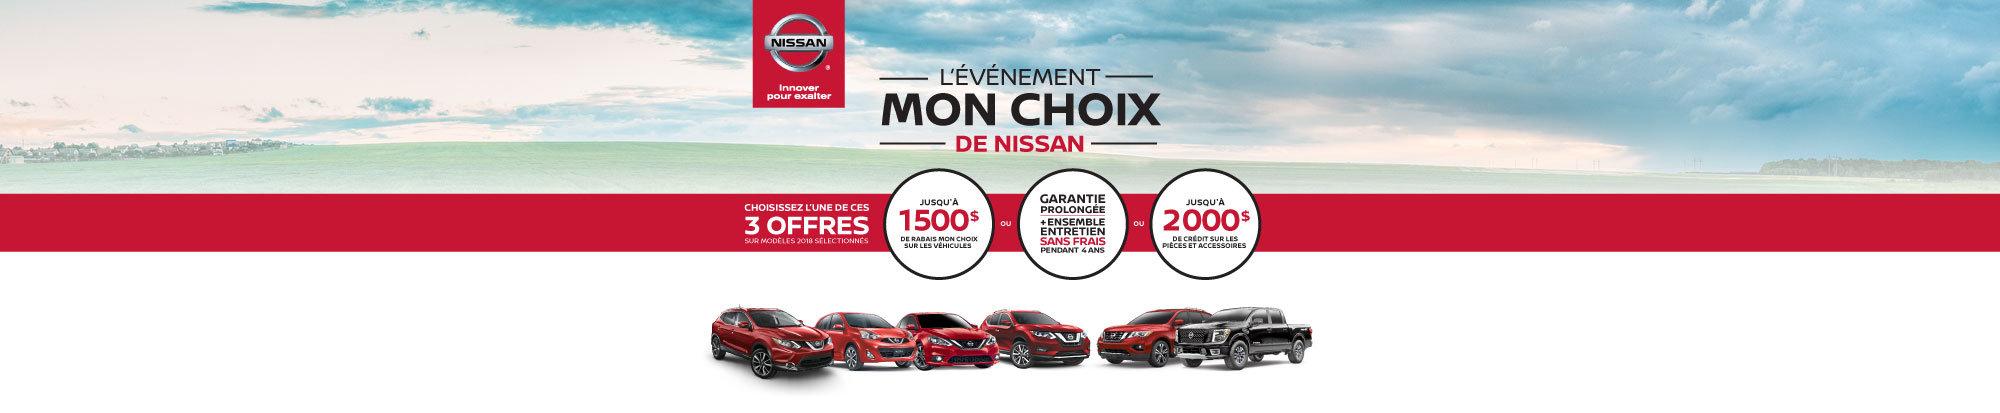 L'événement MON CHOIX de Nissan bat son plein! web